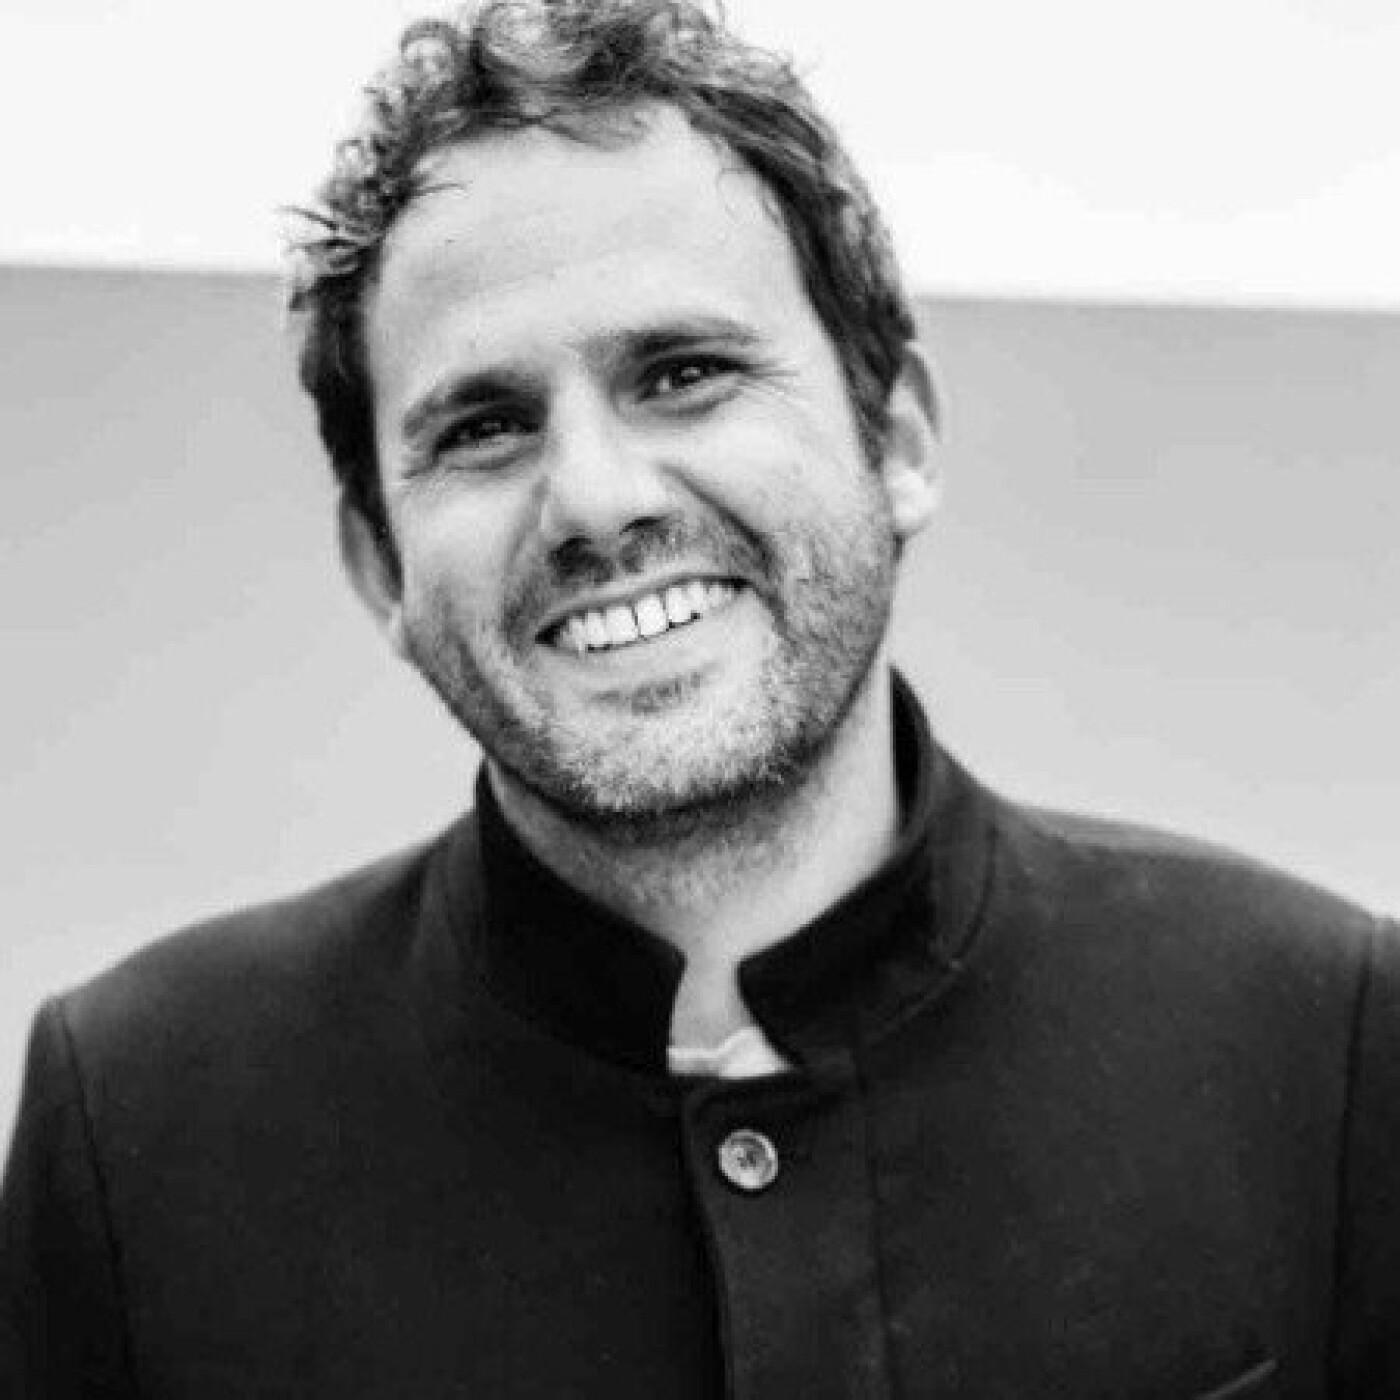 Fabien, redacteur en chef lesfrancais.press présente le nouveau flash info de la radio - 25 02 2021 - StereoChic Radio